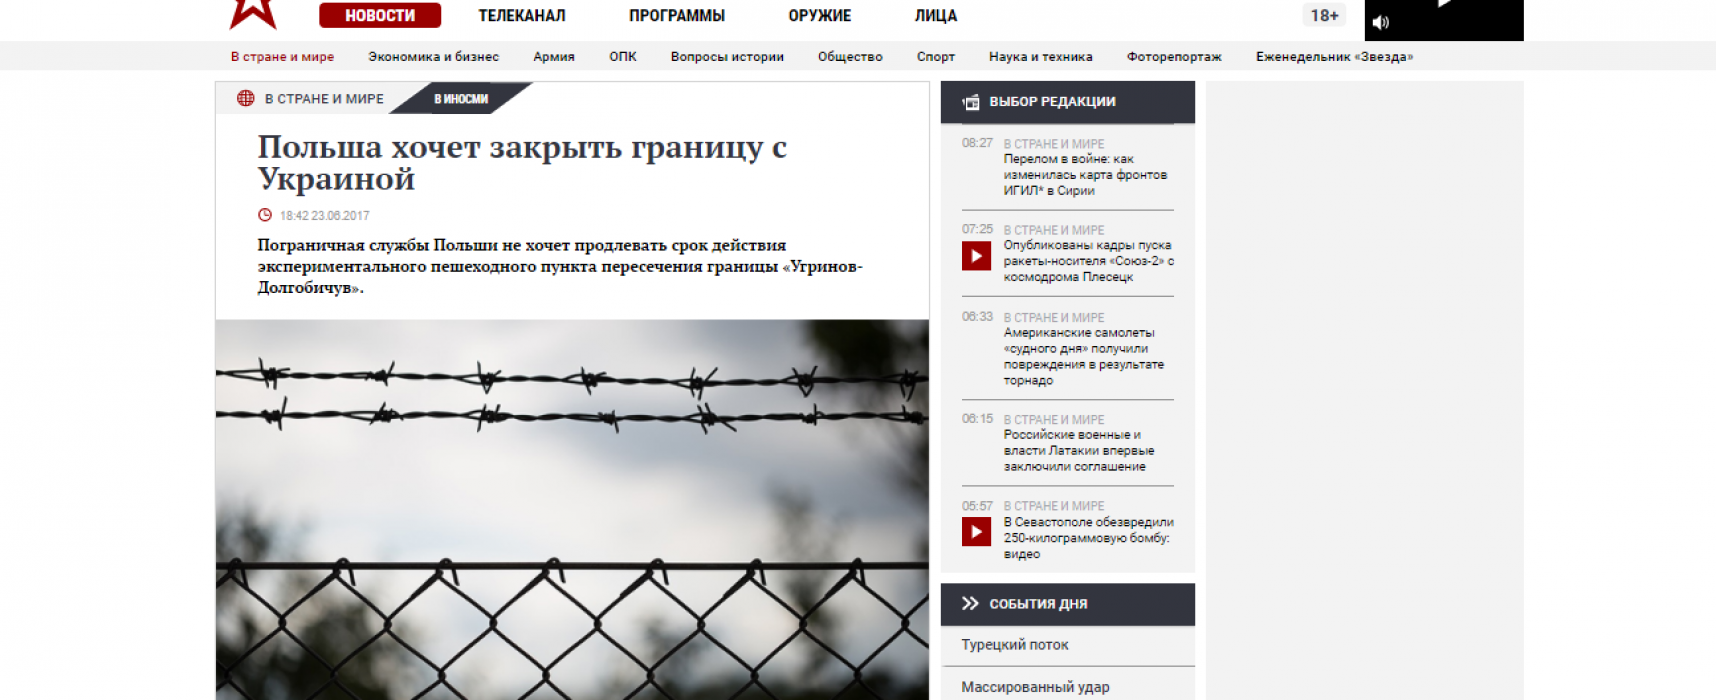 Fake: Polsko uzavře hranici s Ukrajinou